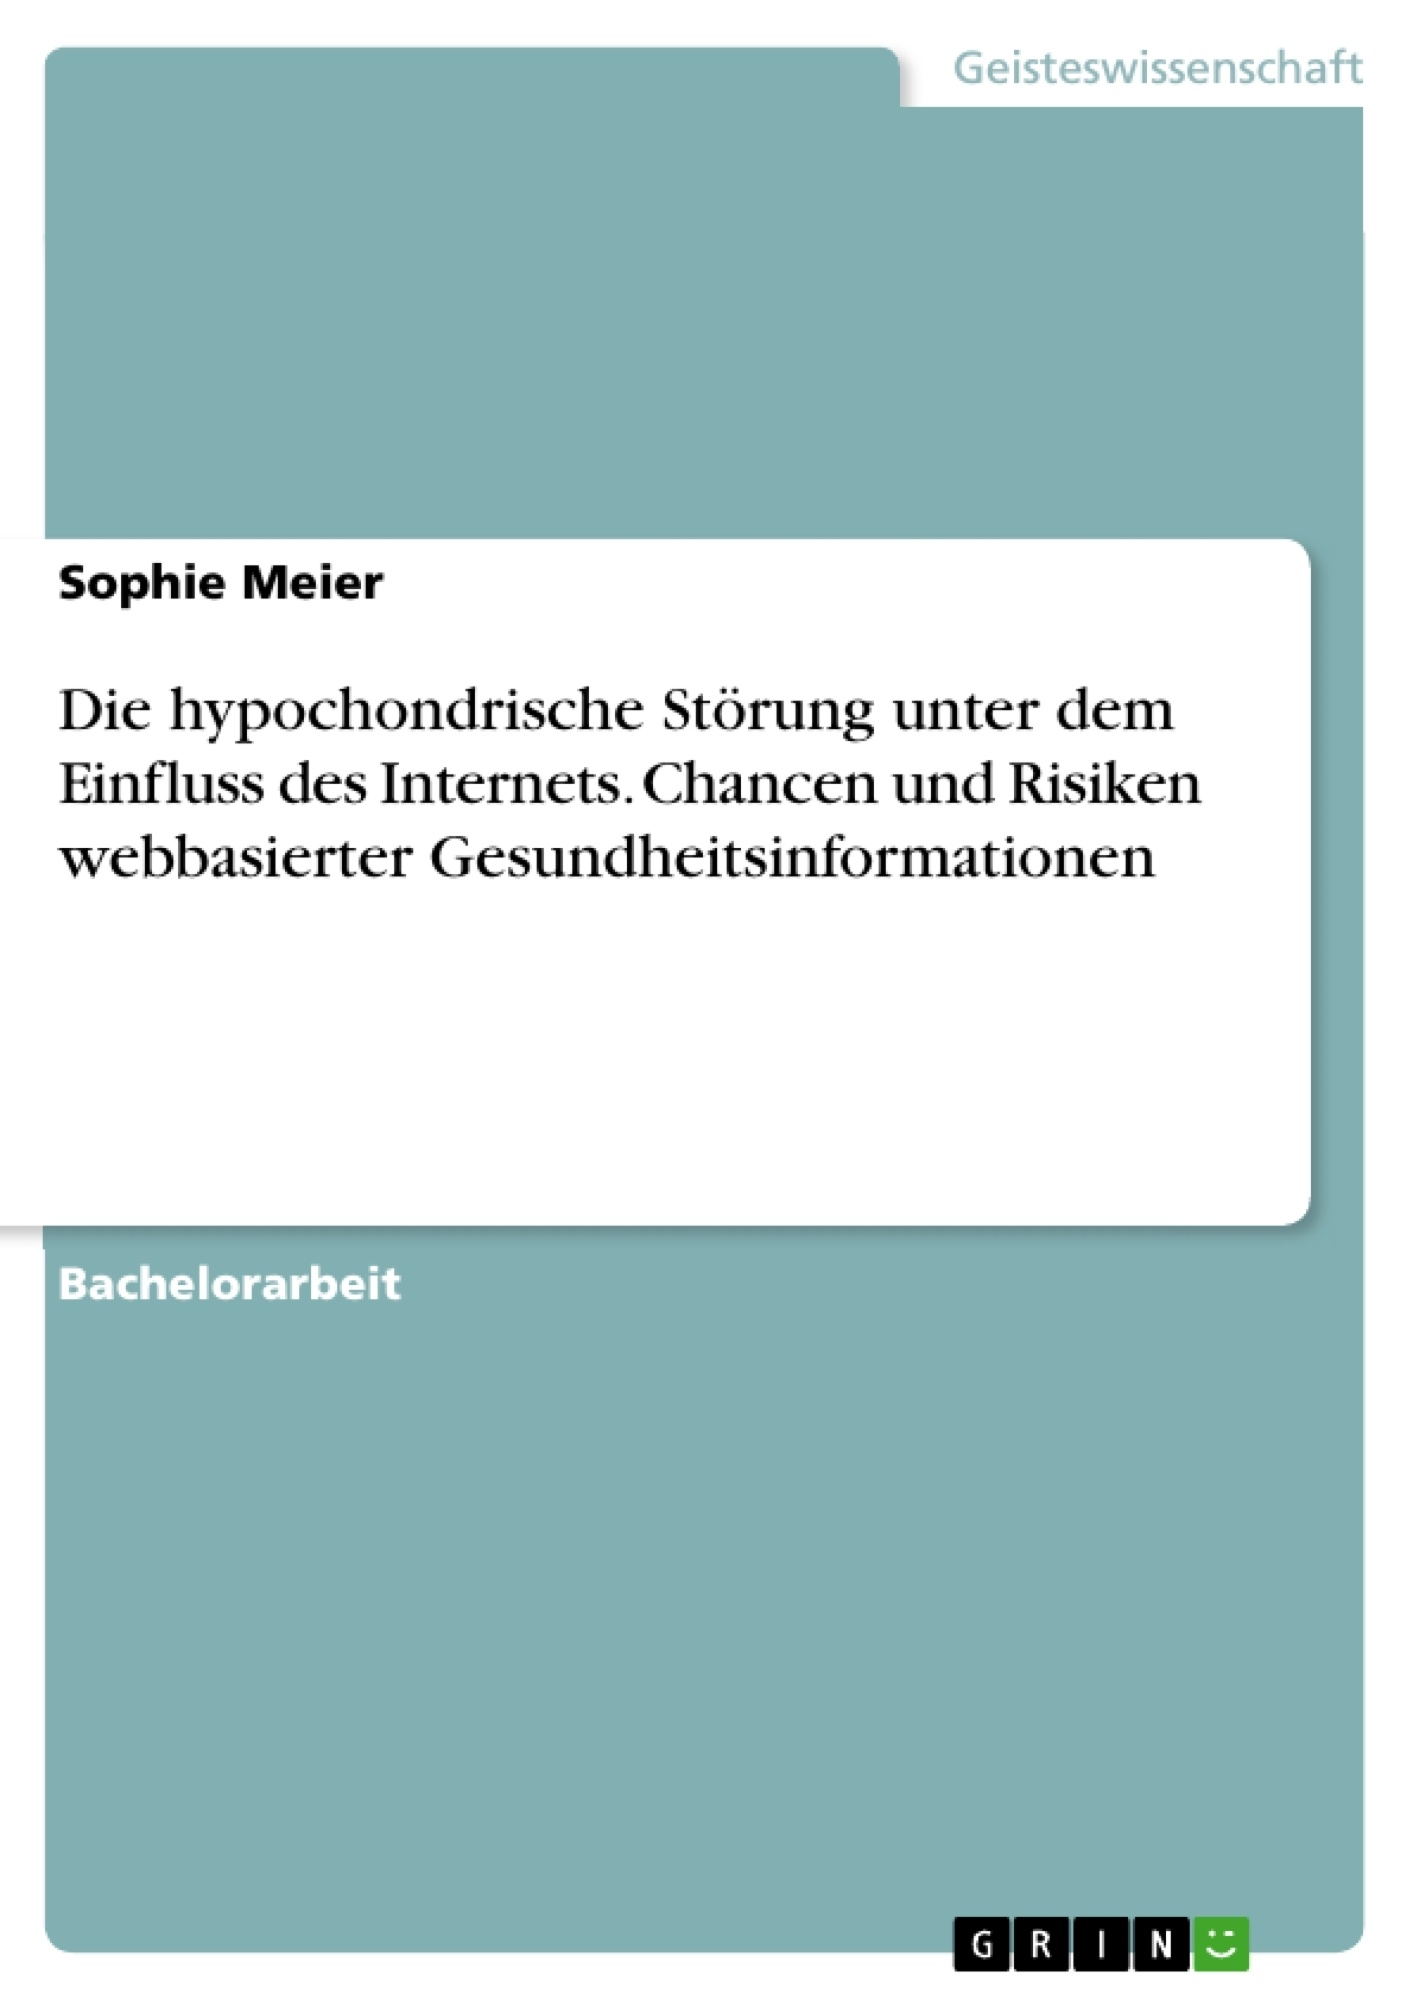 Titel: Die hypochondrische Störung unter dem Einfluss des Internets. Chancen und Risiken webbasierter Gesundheitsinformationen